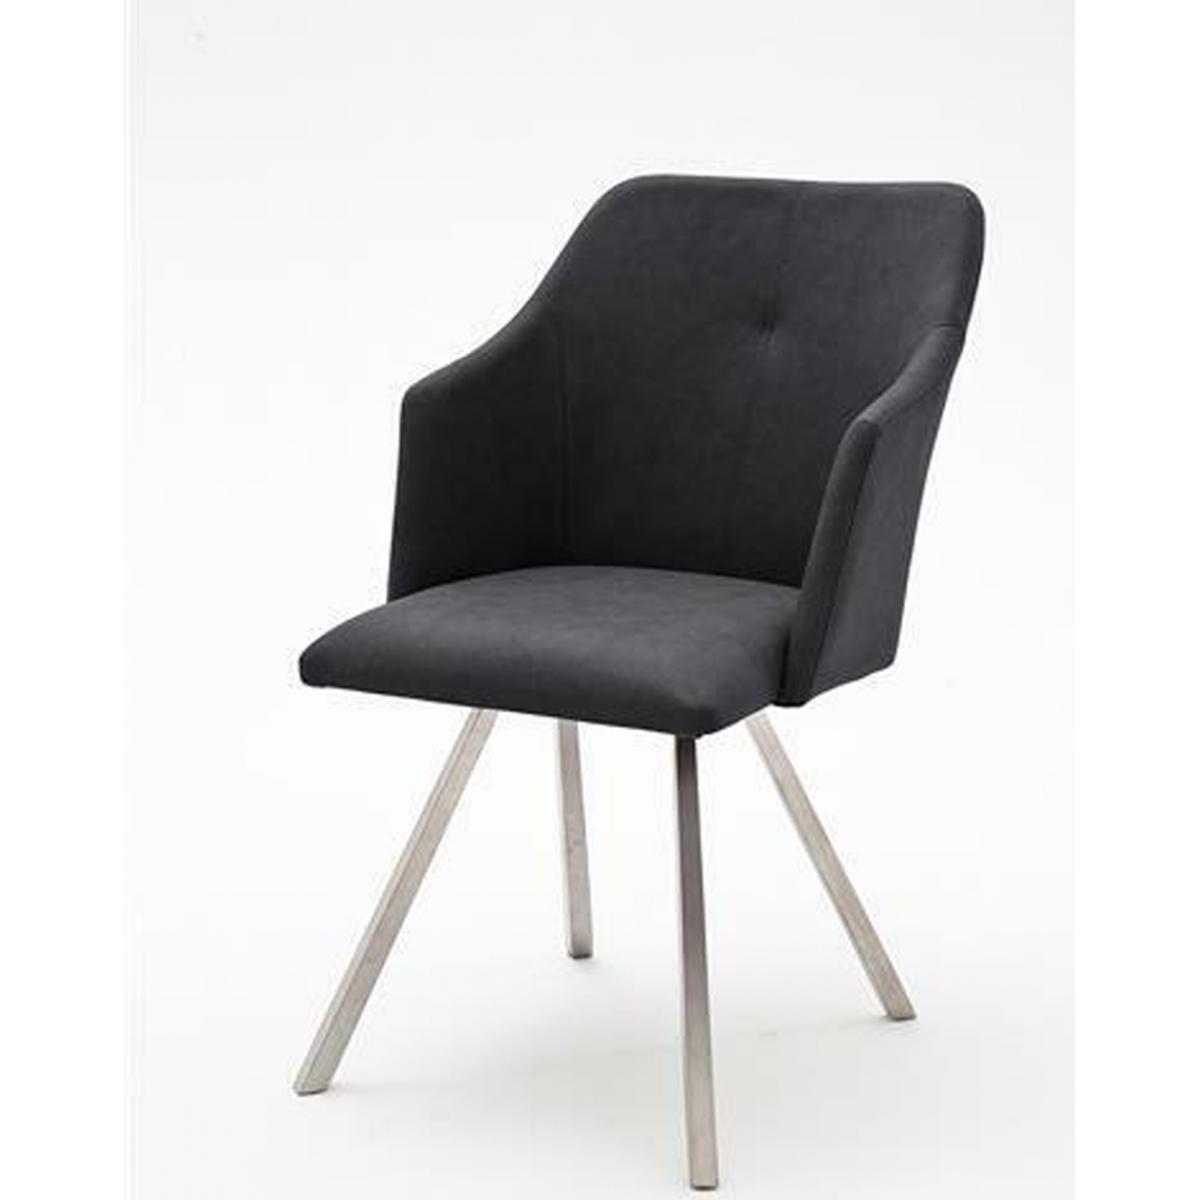 Pegane Lot de 2 chaises de salle à manger en acier / similicuir anthracite - L.54 x H.88 x P.62 cm -PEGANE-